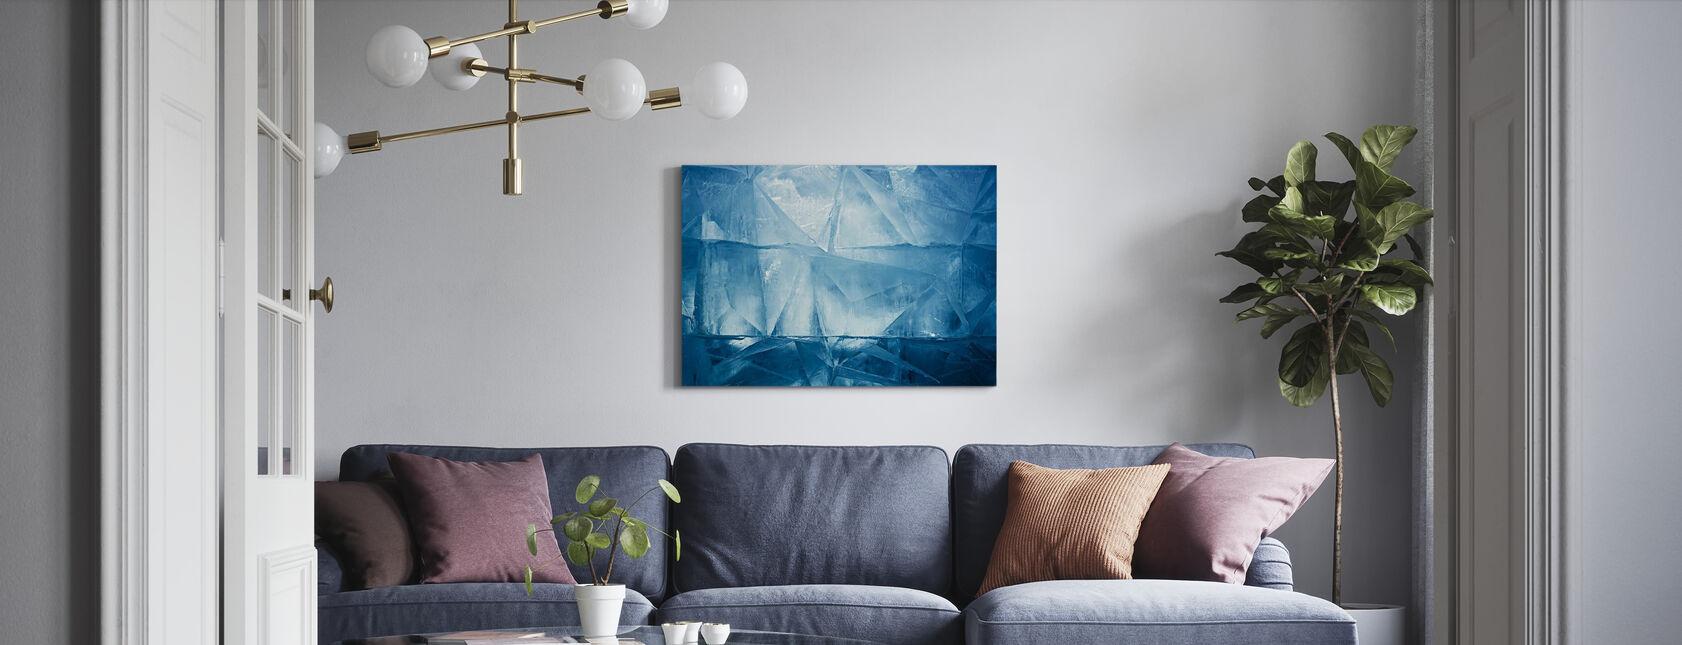 Niebieski Lód - Obraz na płótnie - Pokój dzienny